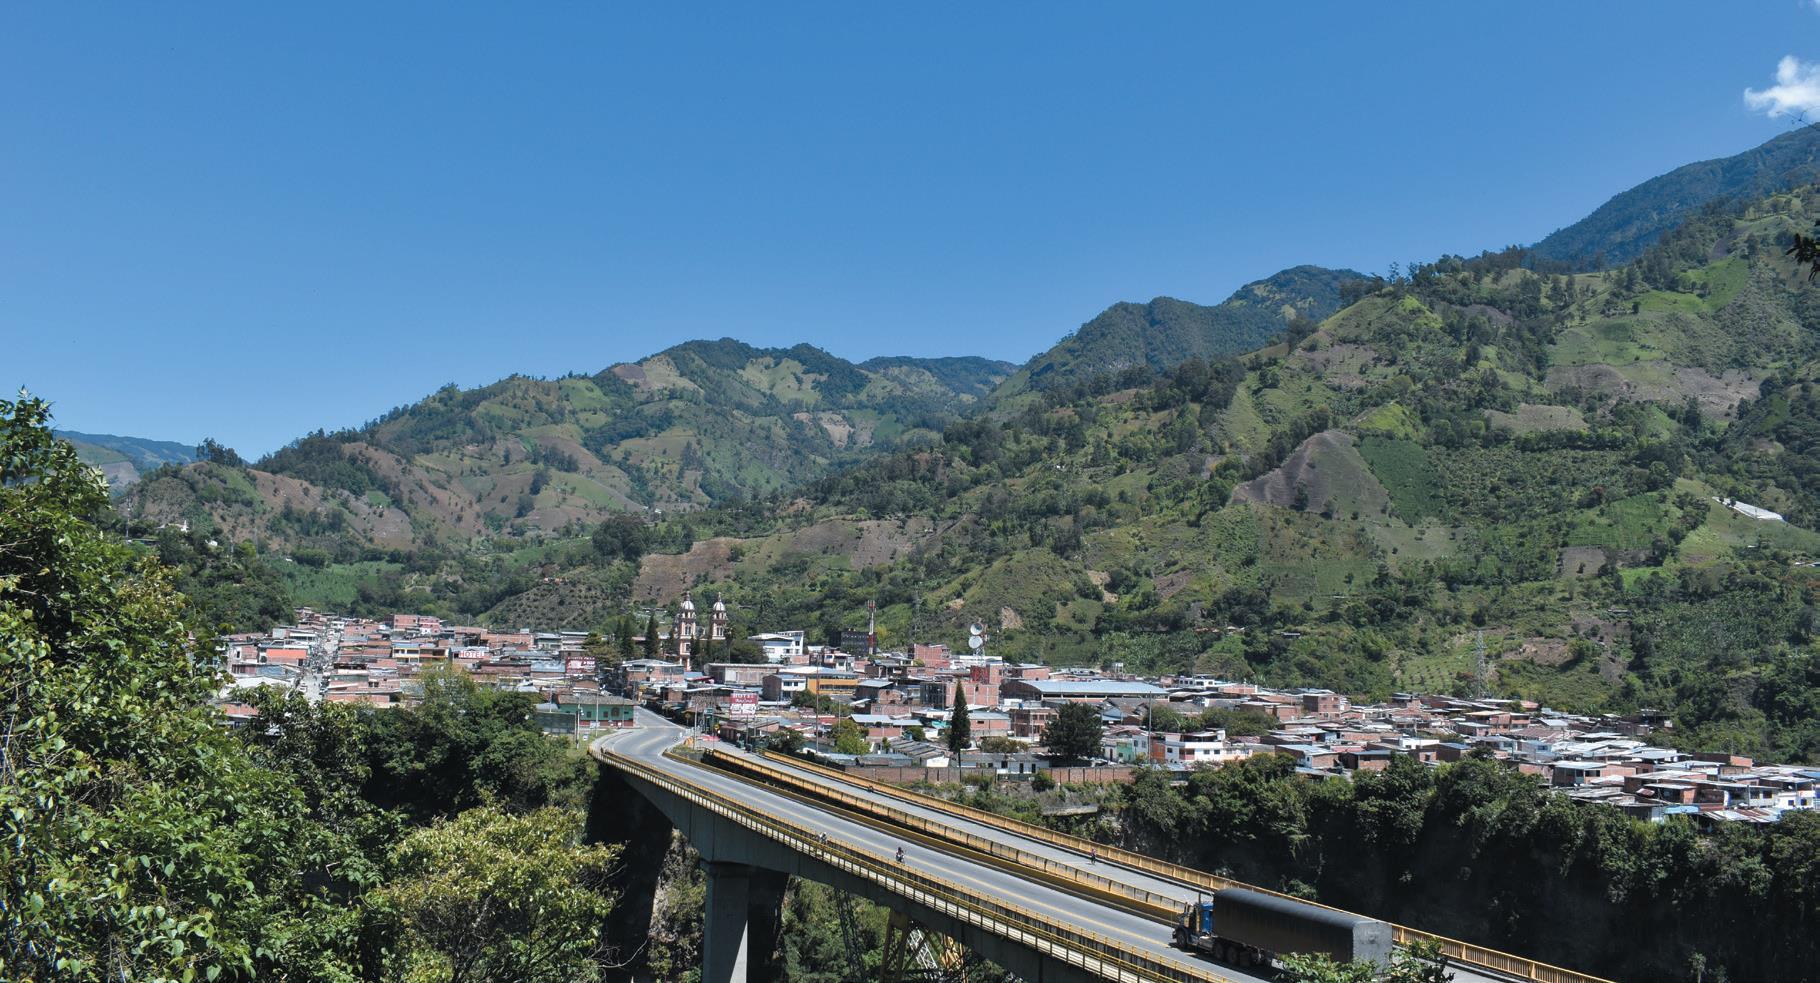 La entrada en servicio del Túnel de La Línea significará un gran desarrollo económico y turístico para el municipio de Cajamarca.